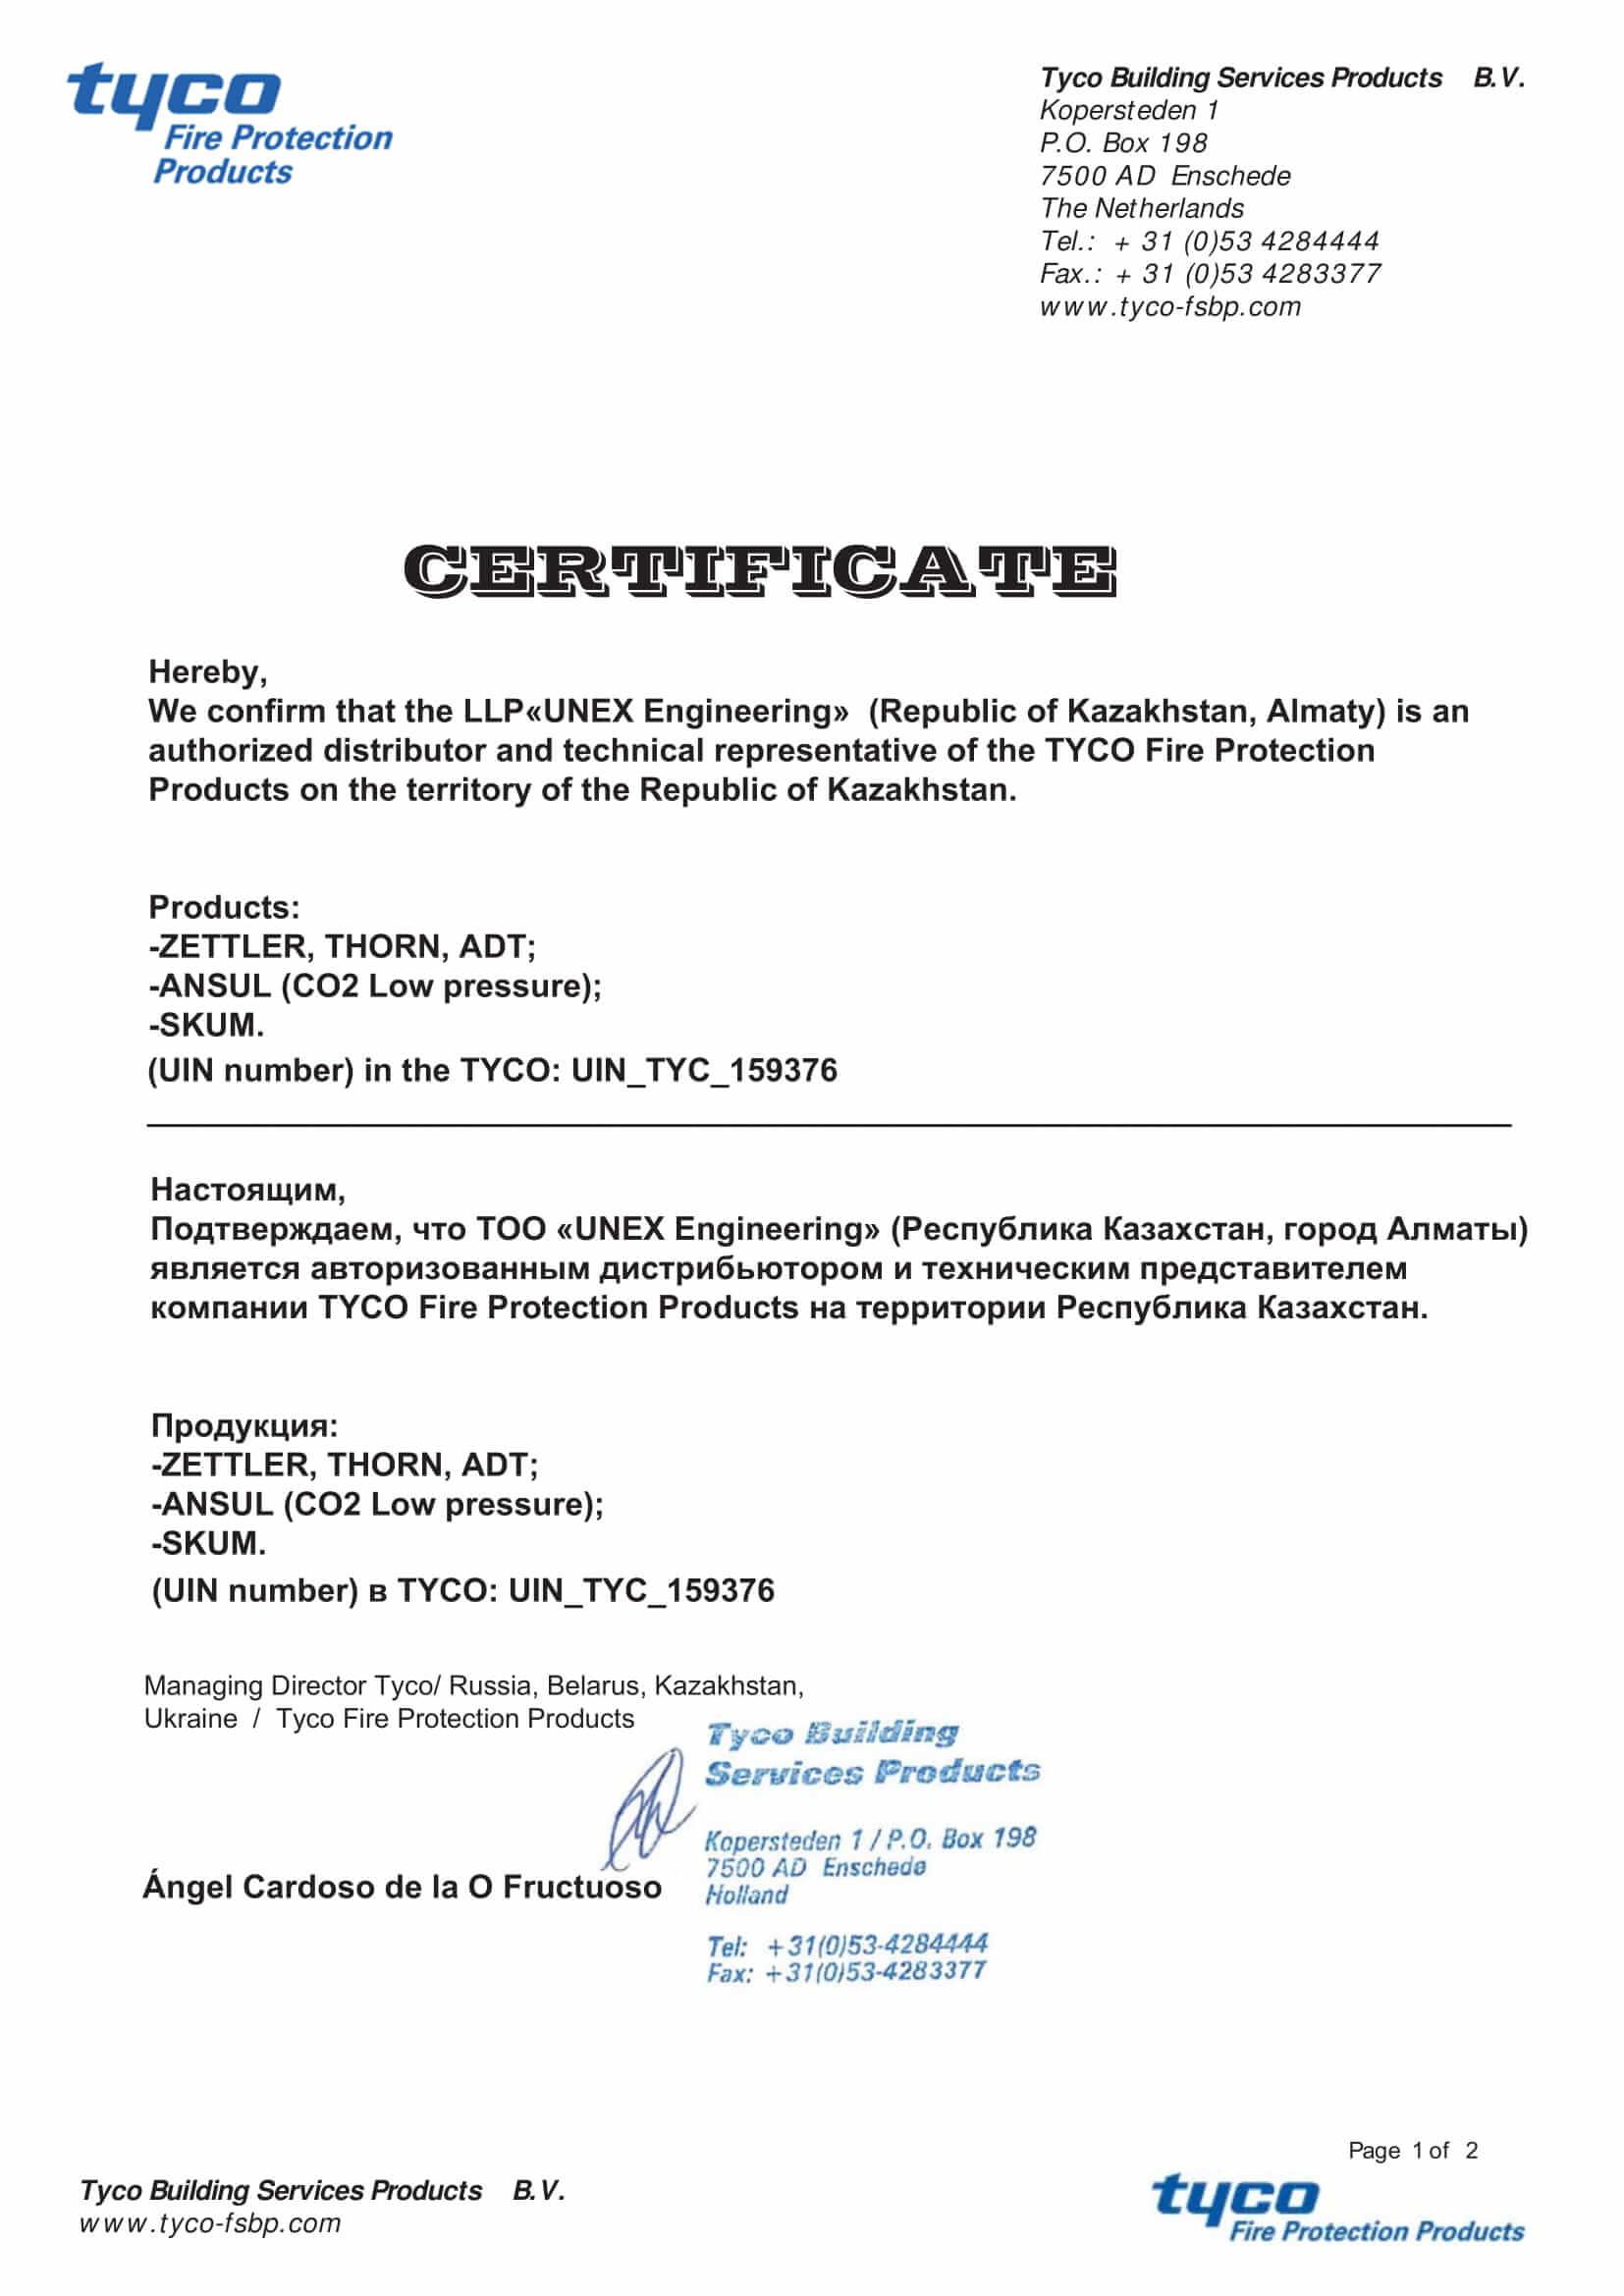 Лицензии и сертификаты UNEX Engineering в Алматы, Казахстан